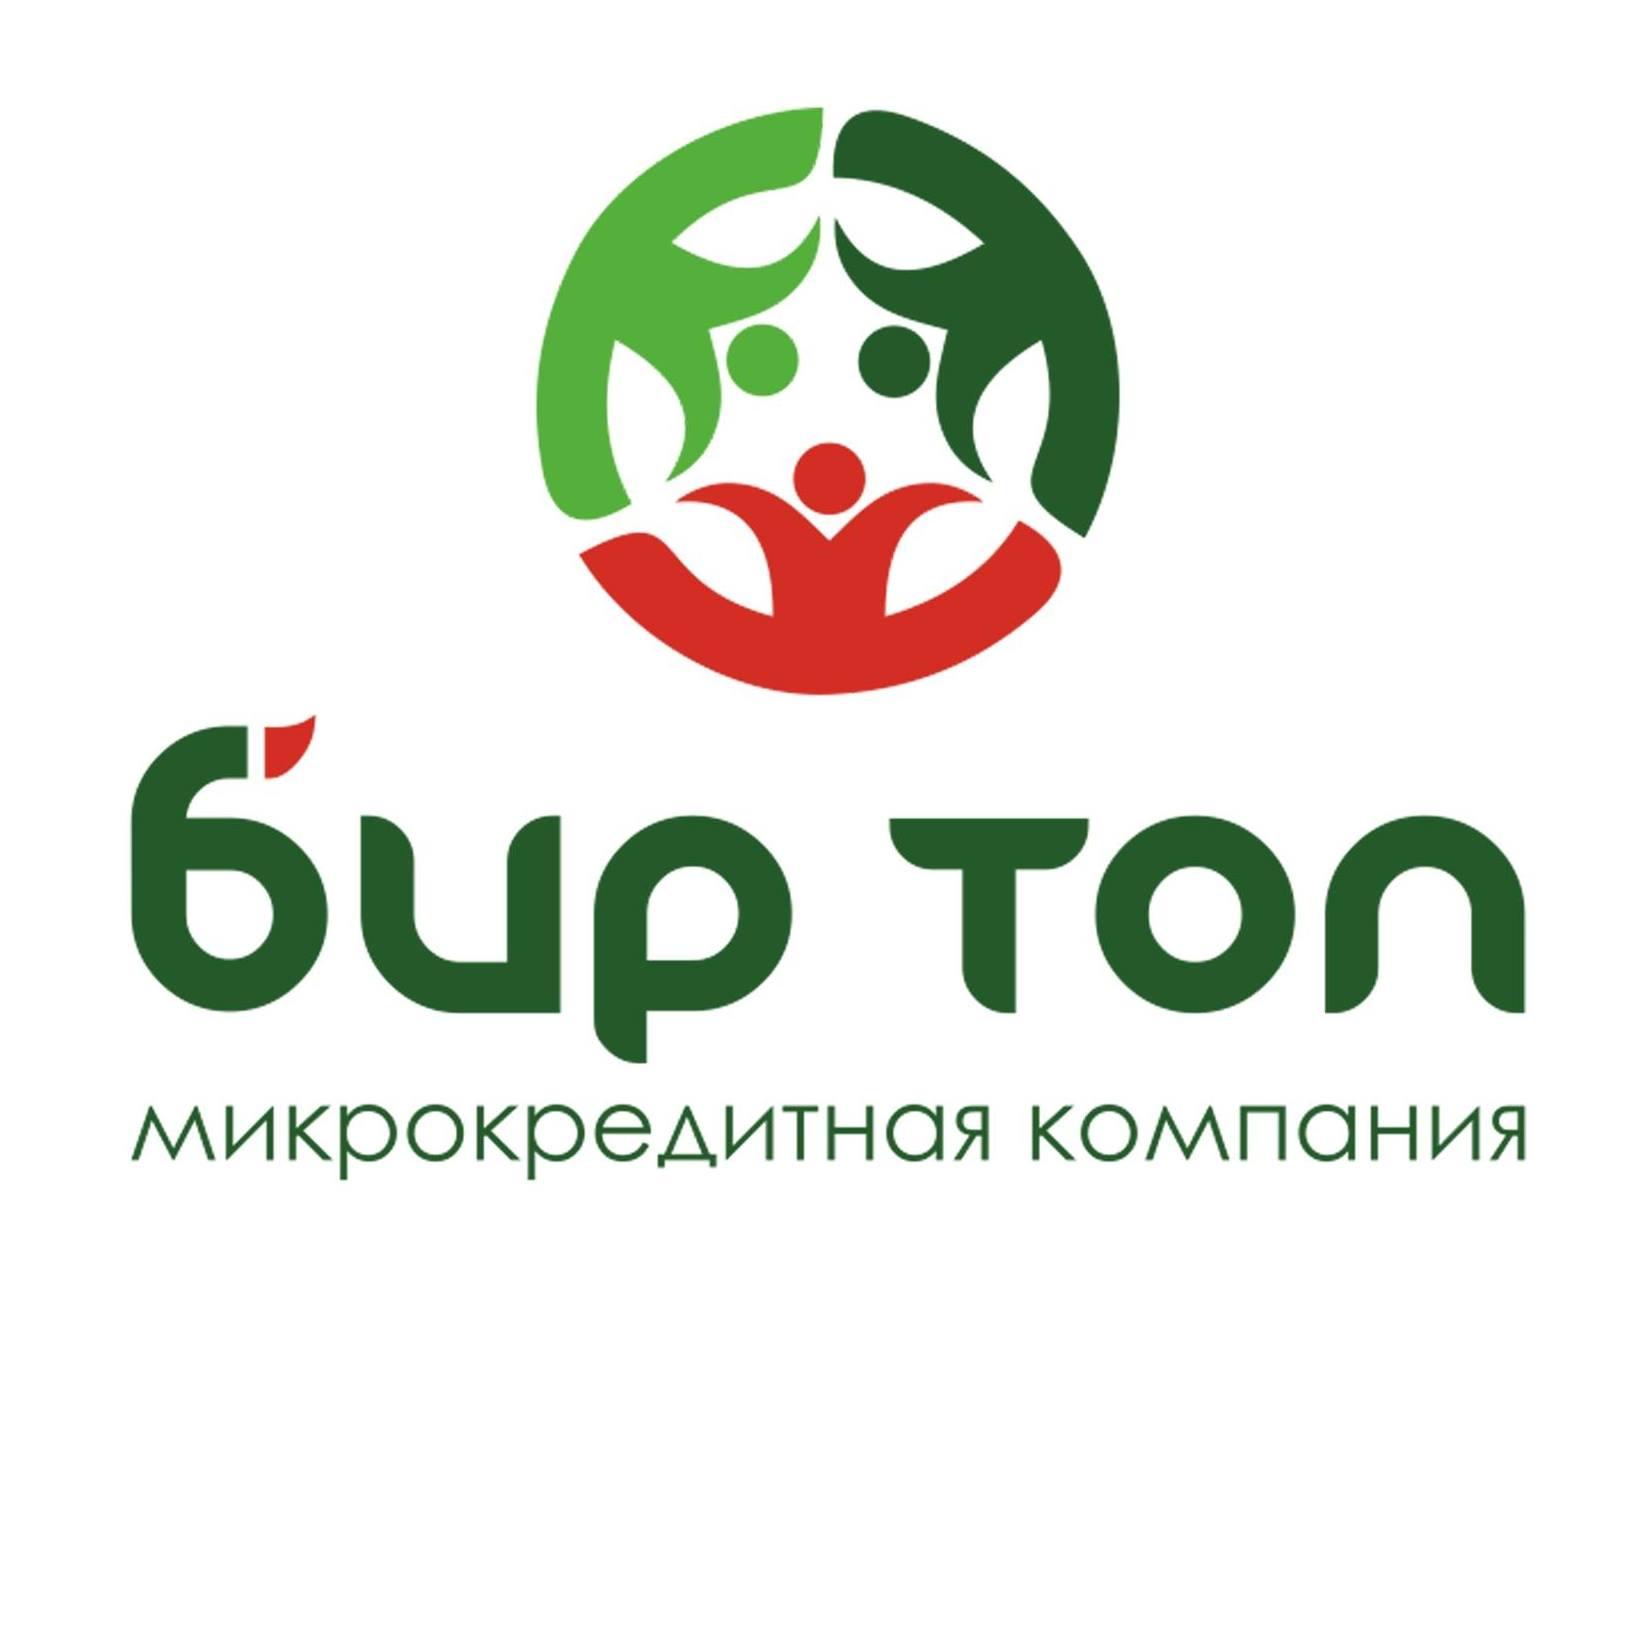 БИР ТОП